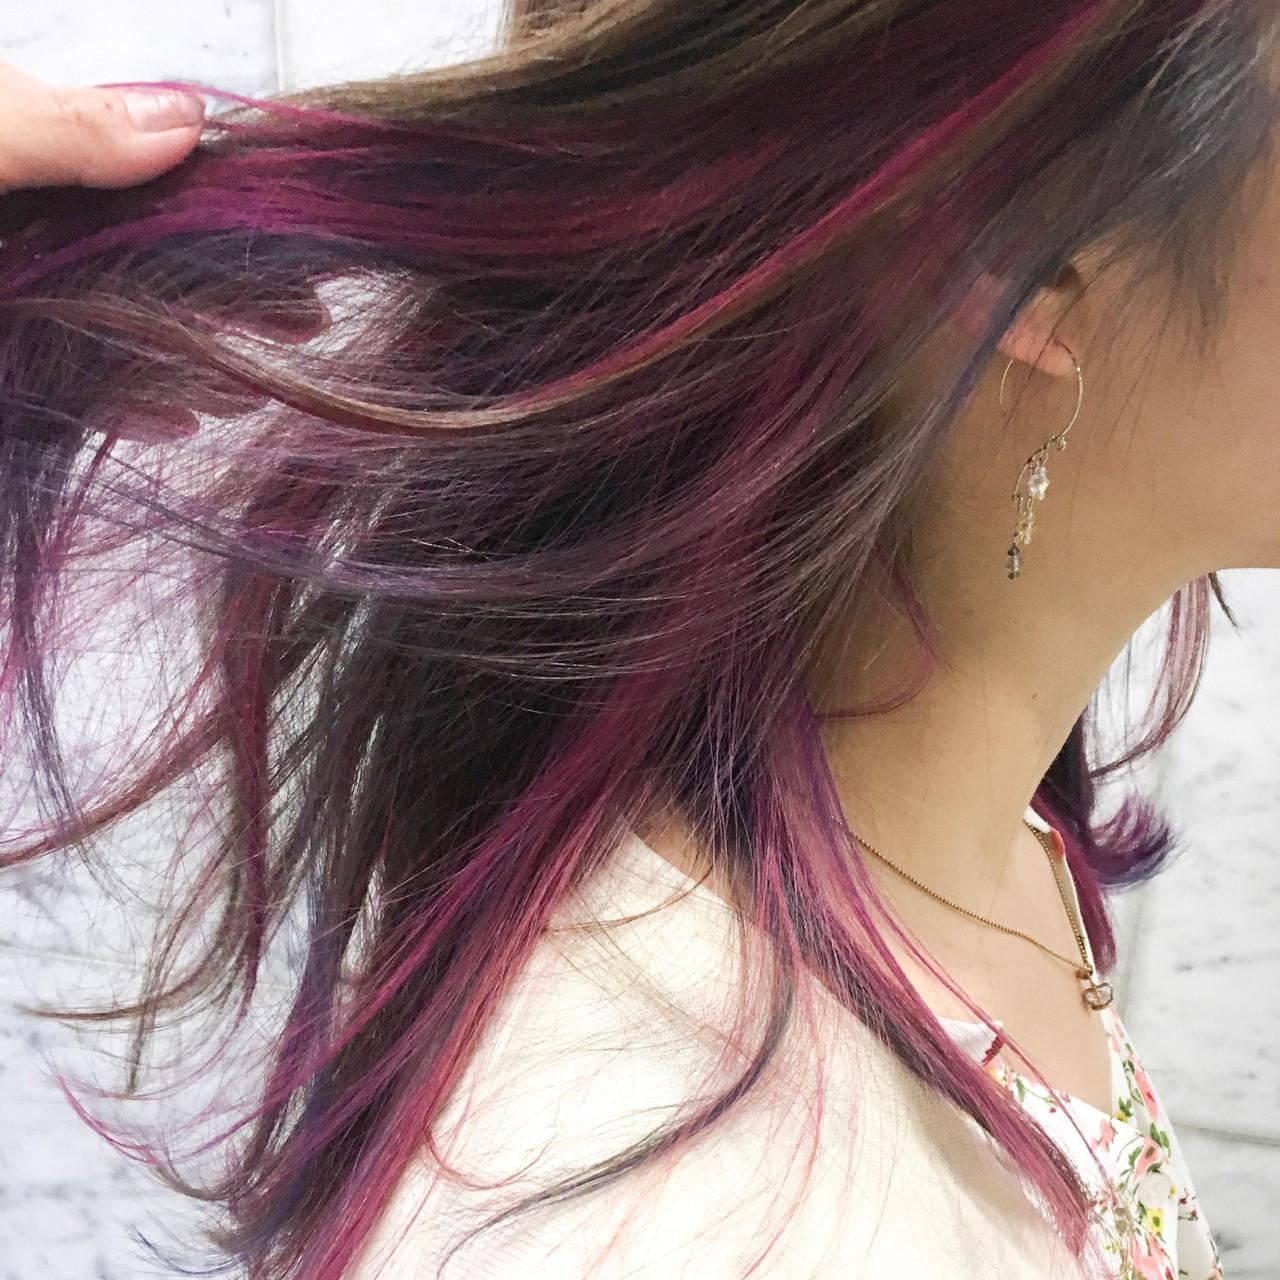 ナチュラル ロング ピンク インナーカラー ヘアスタイルや髪型の写真・画像